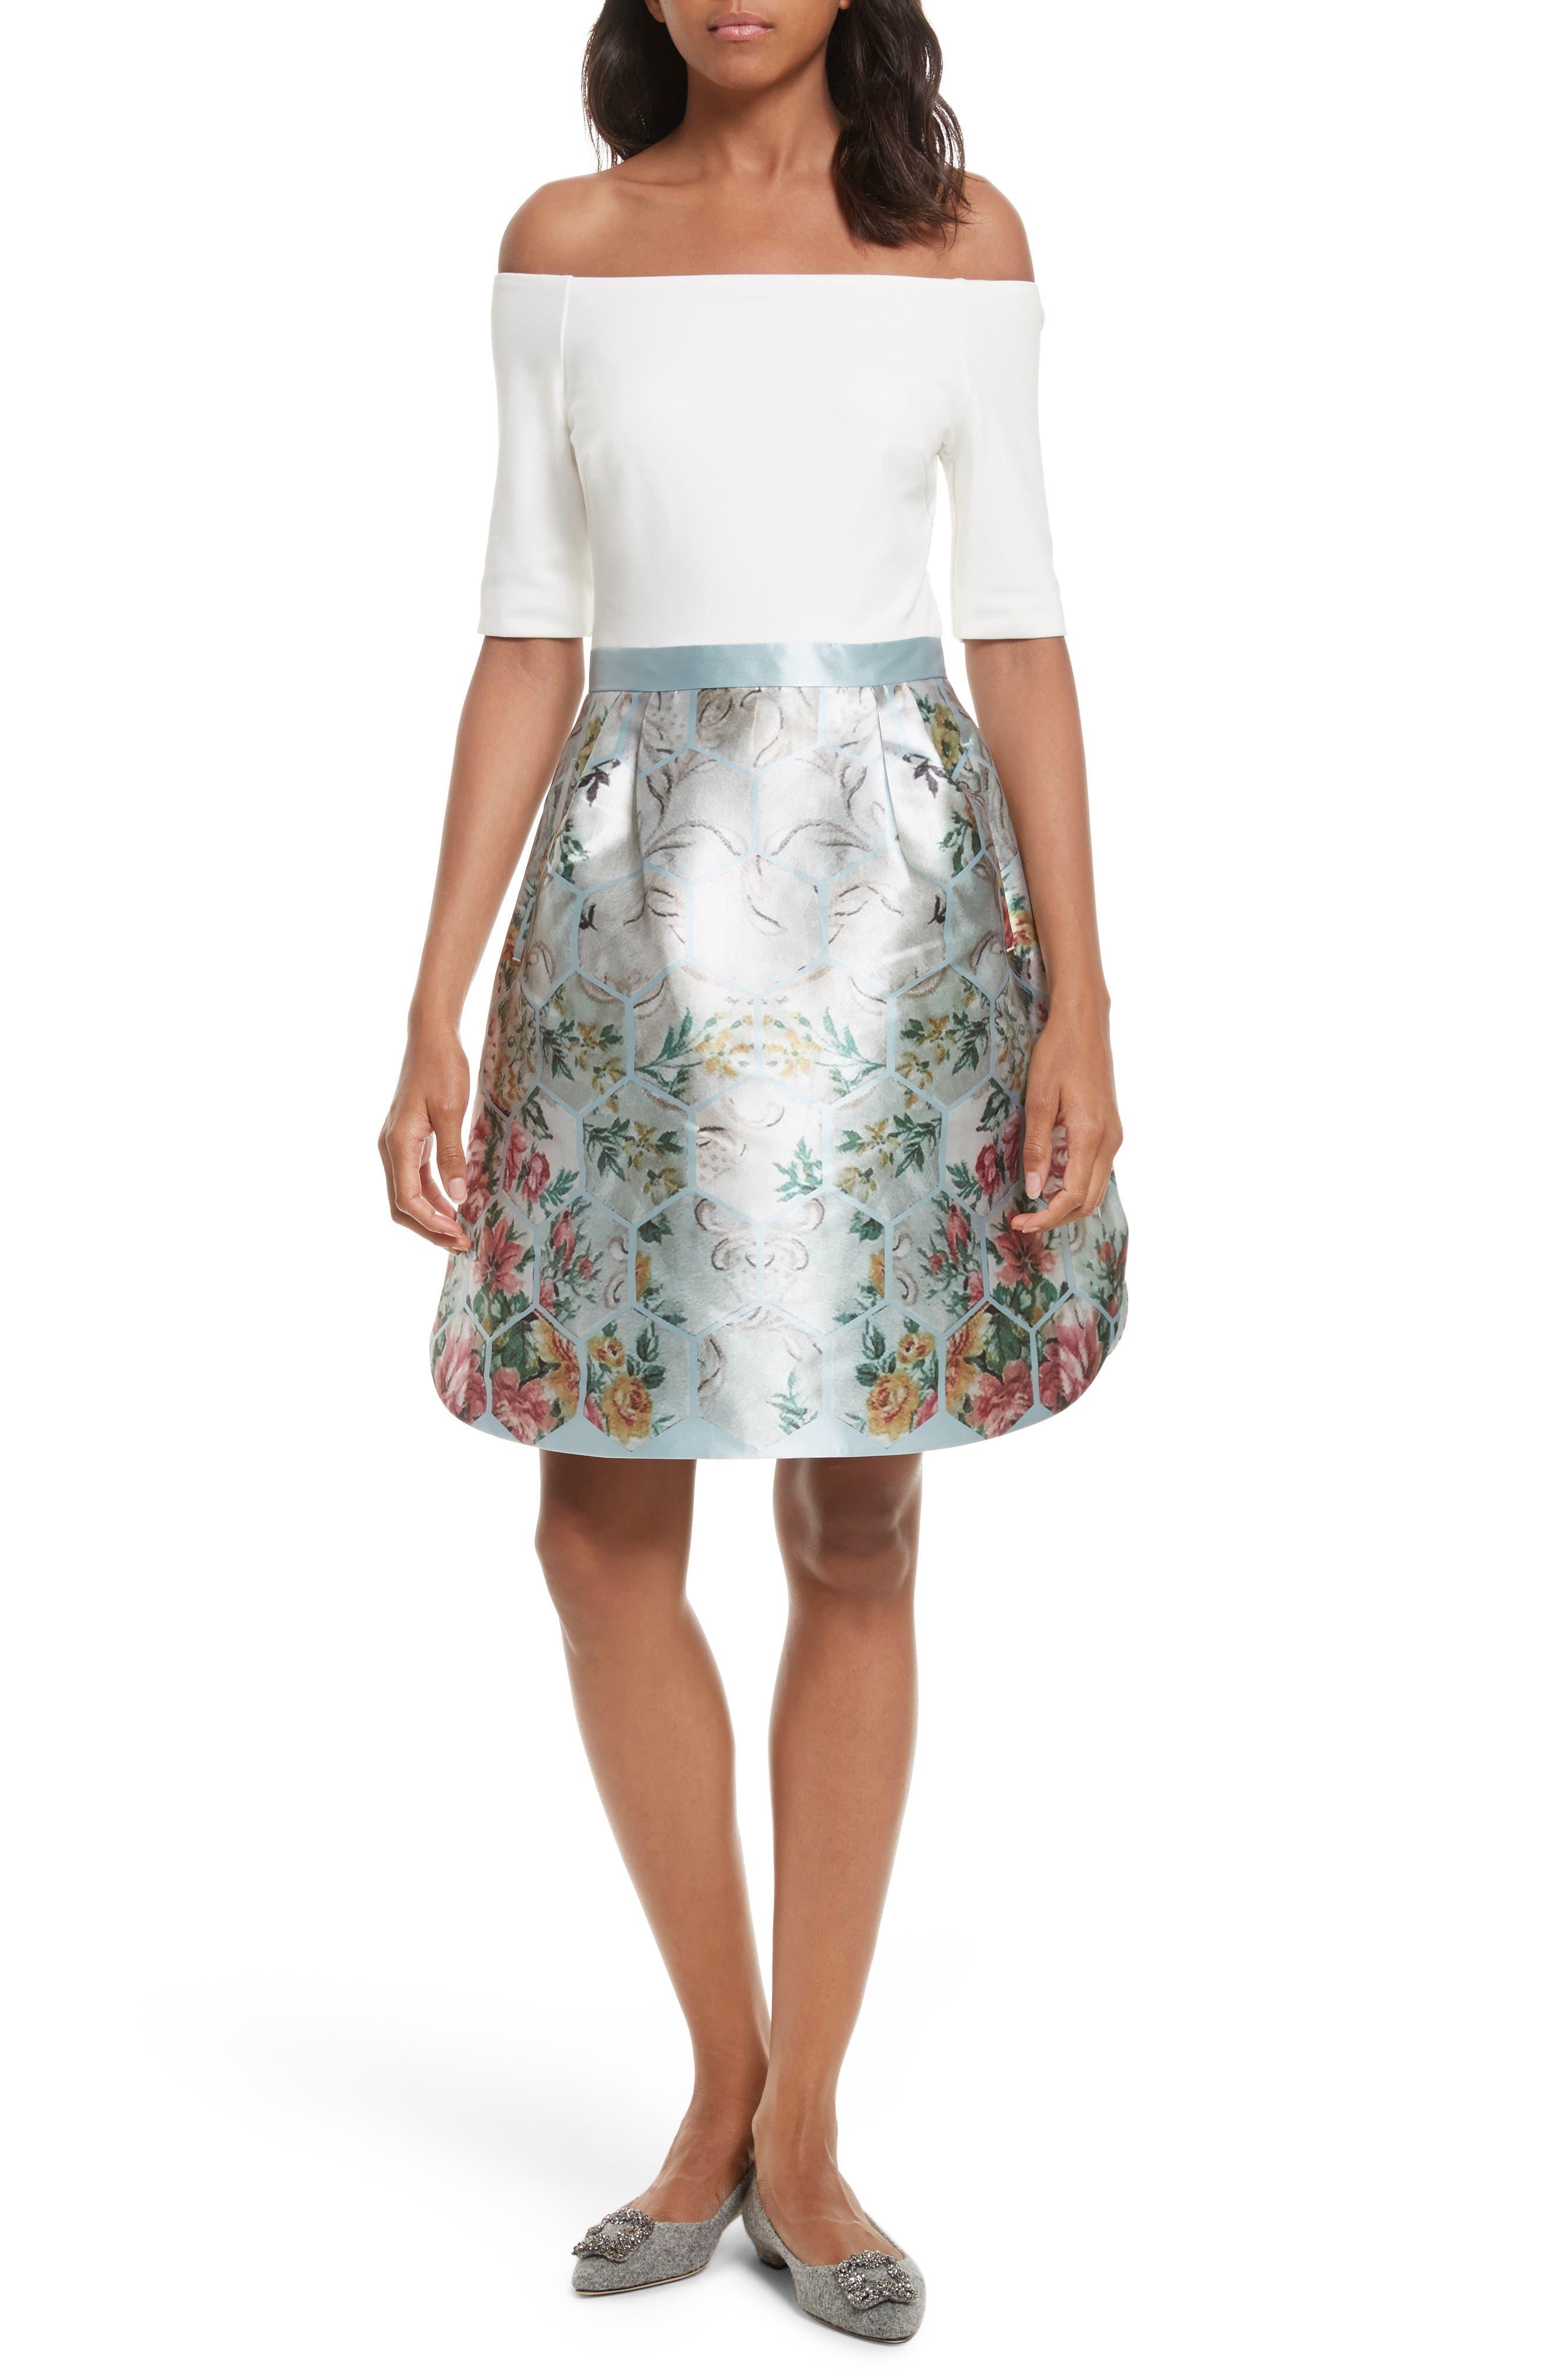 Dewrose Patchwork A-line Dress,                         Main,                         color, Pale Blue